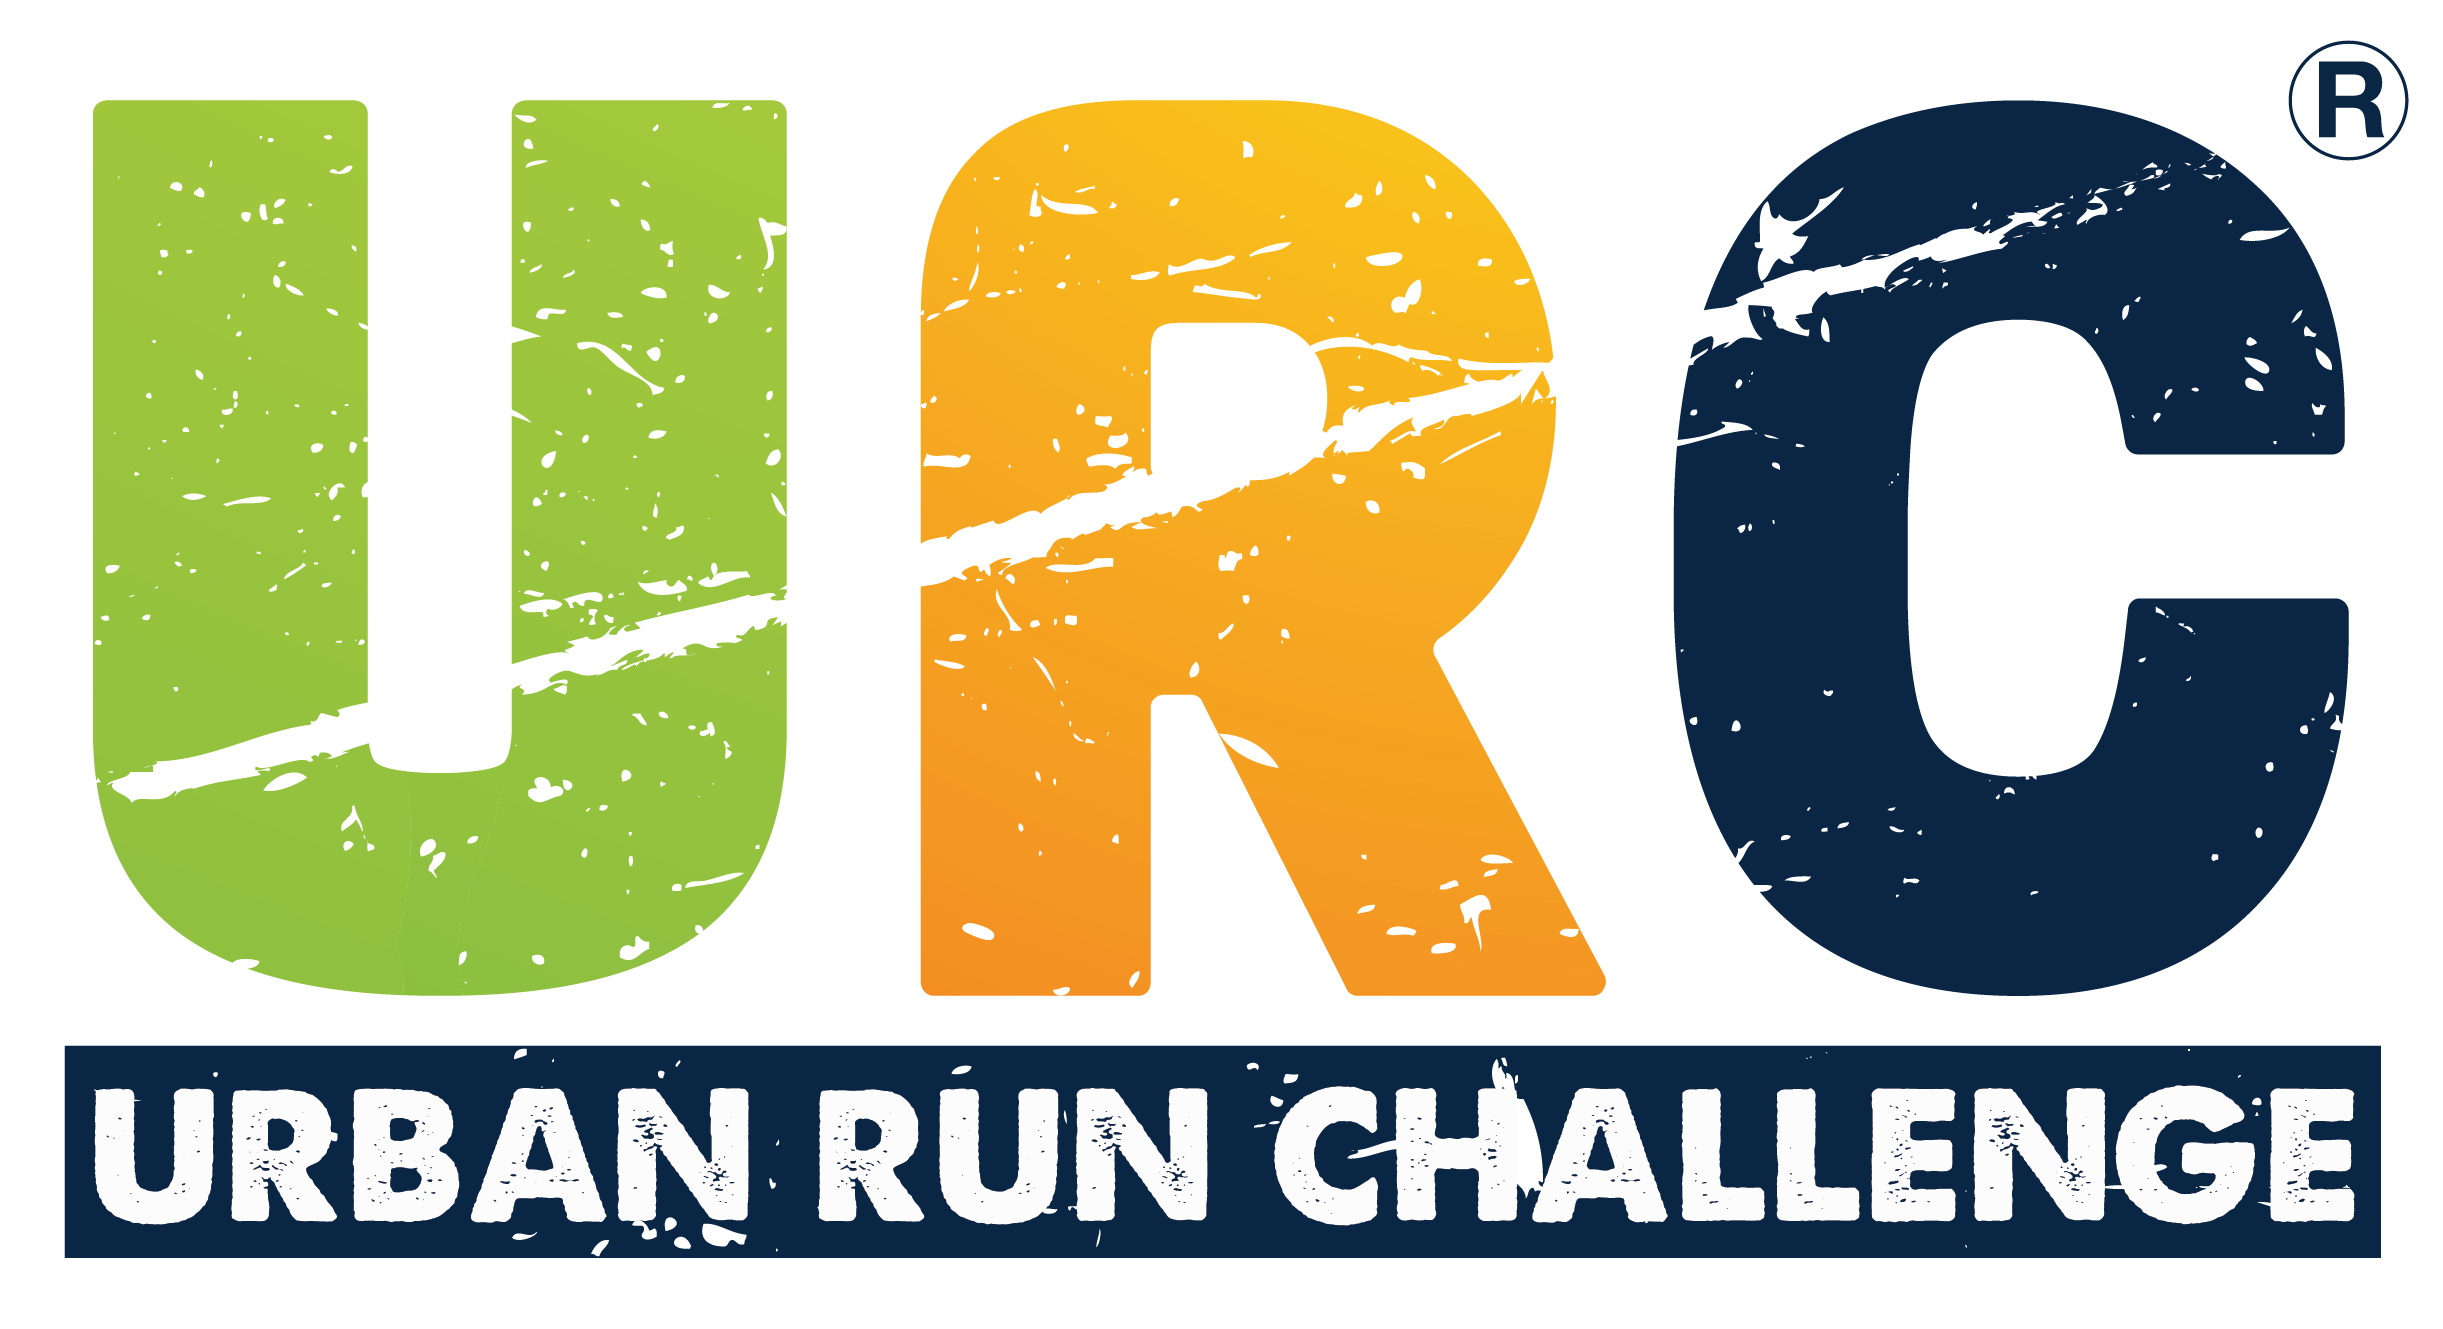 urban tun challenge